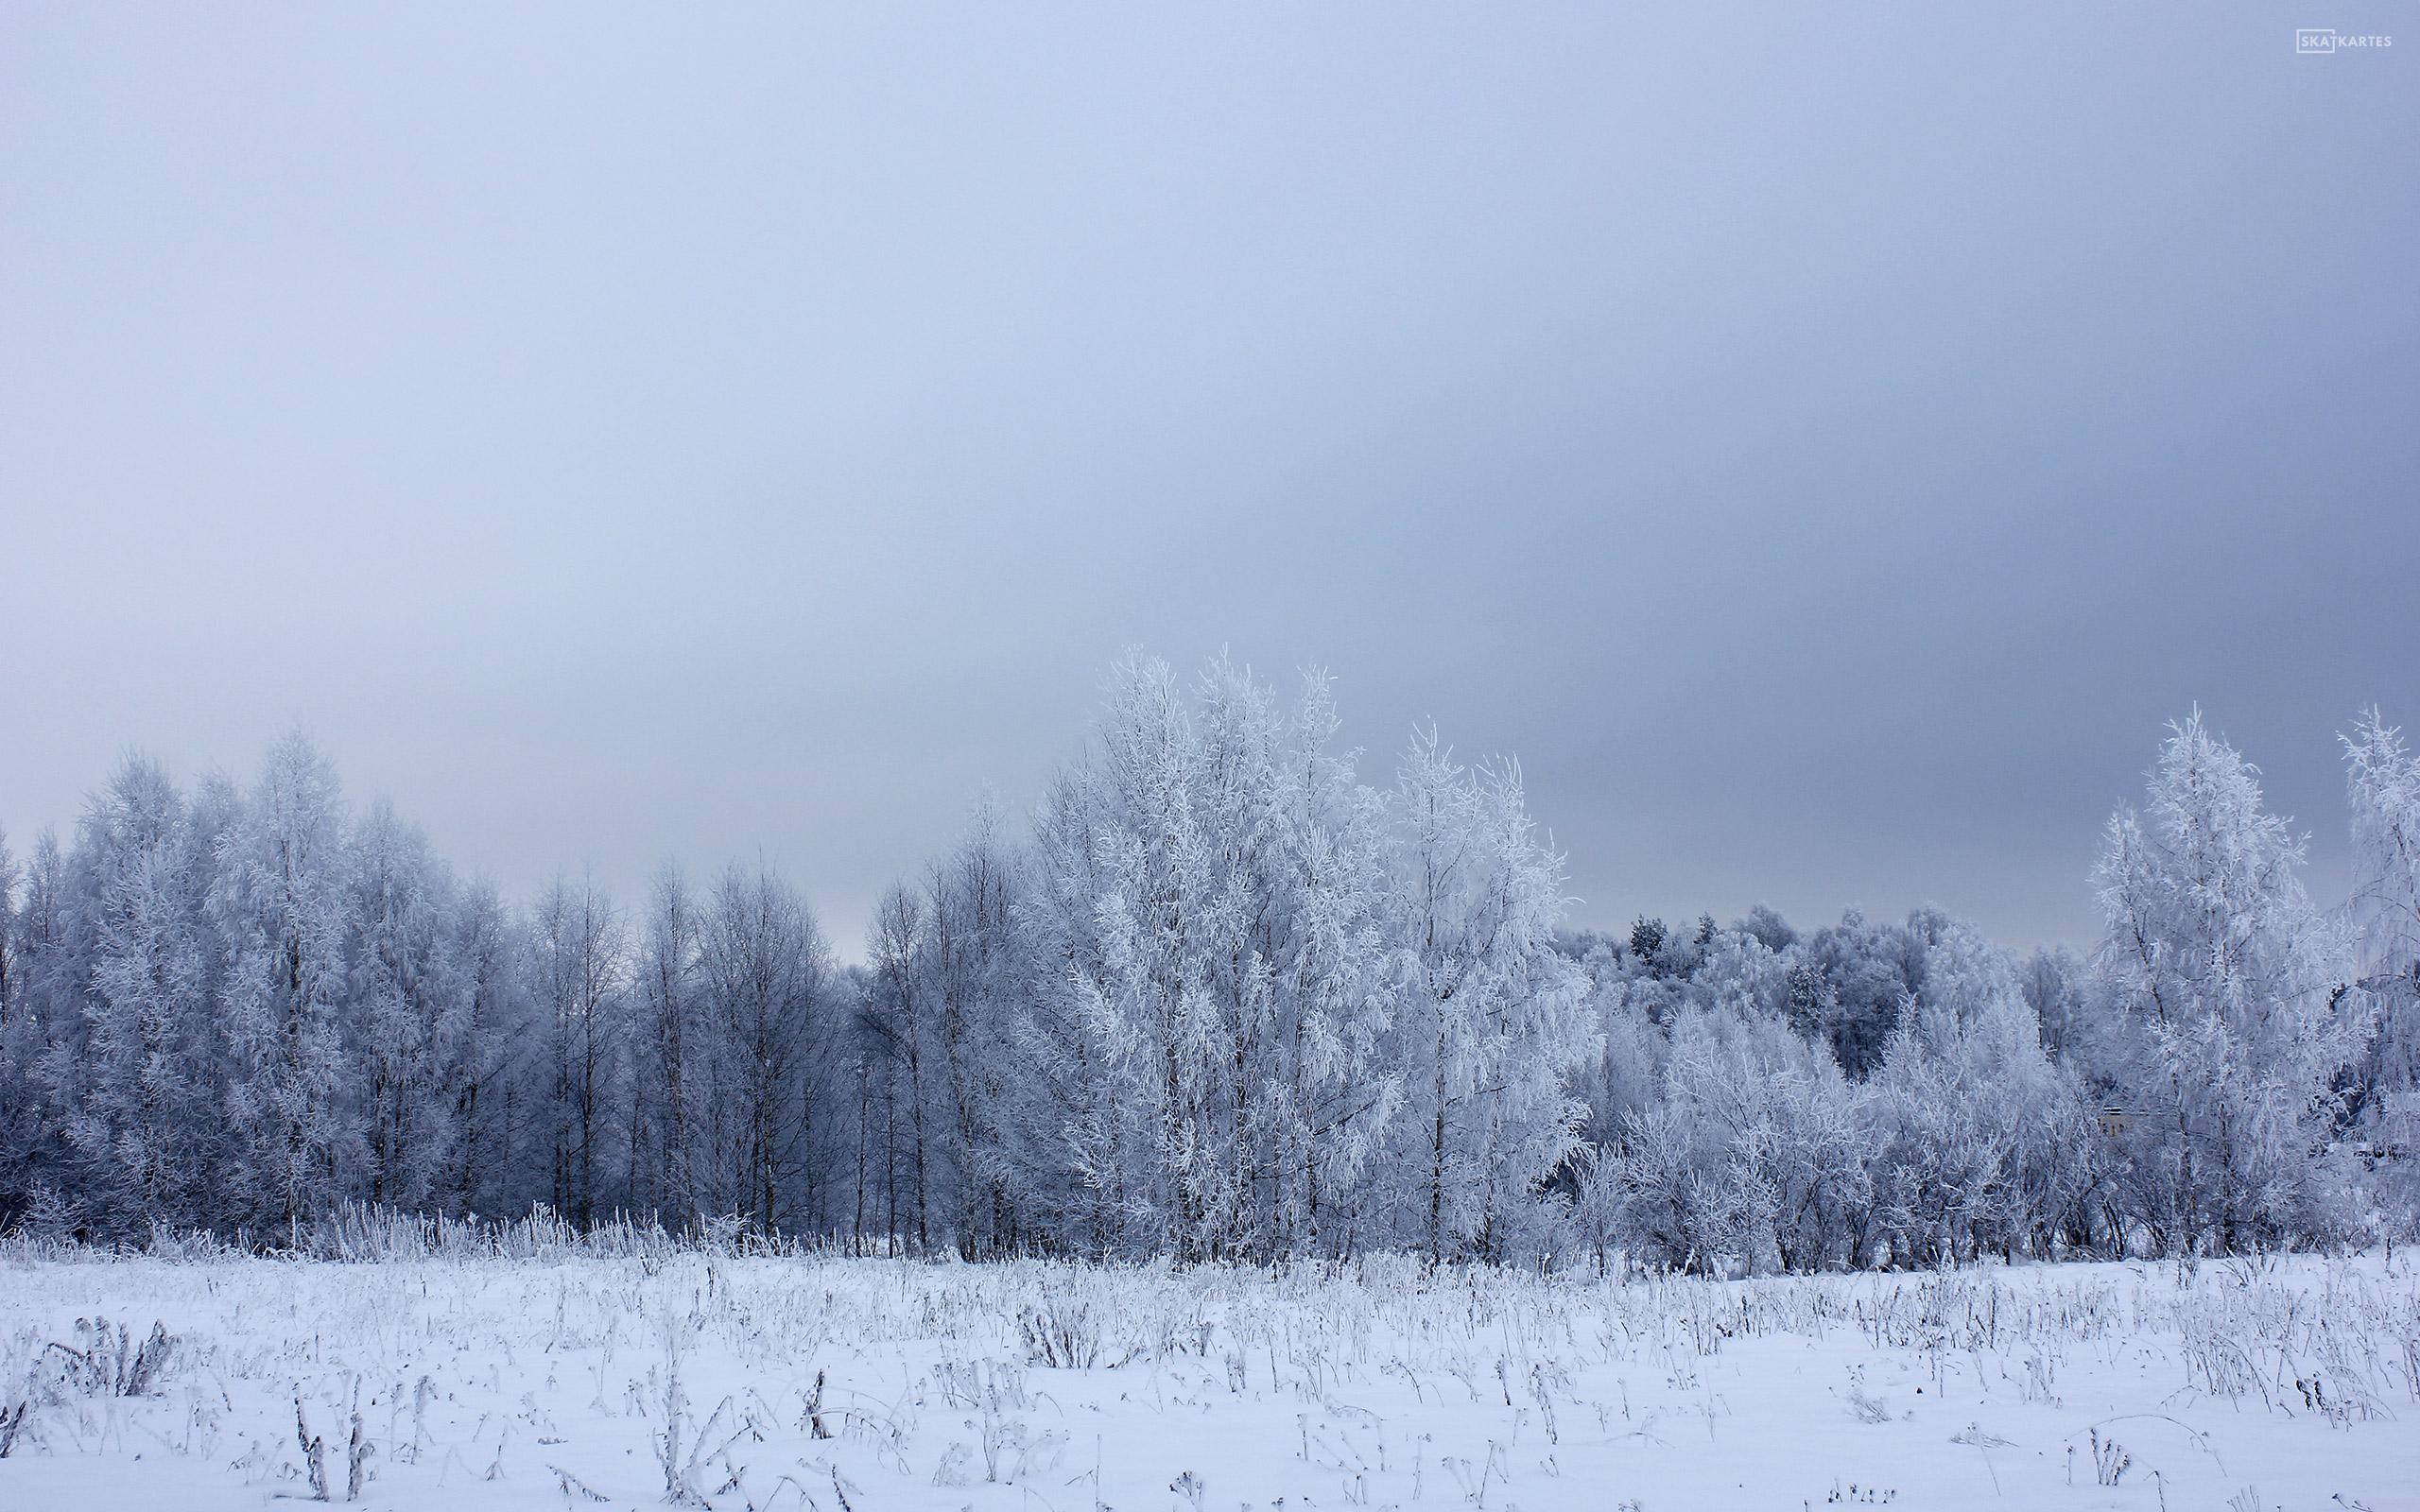 Skatkartes-Latvija-Rigas-regions-Salaspils-ziema-2013